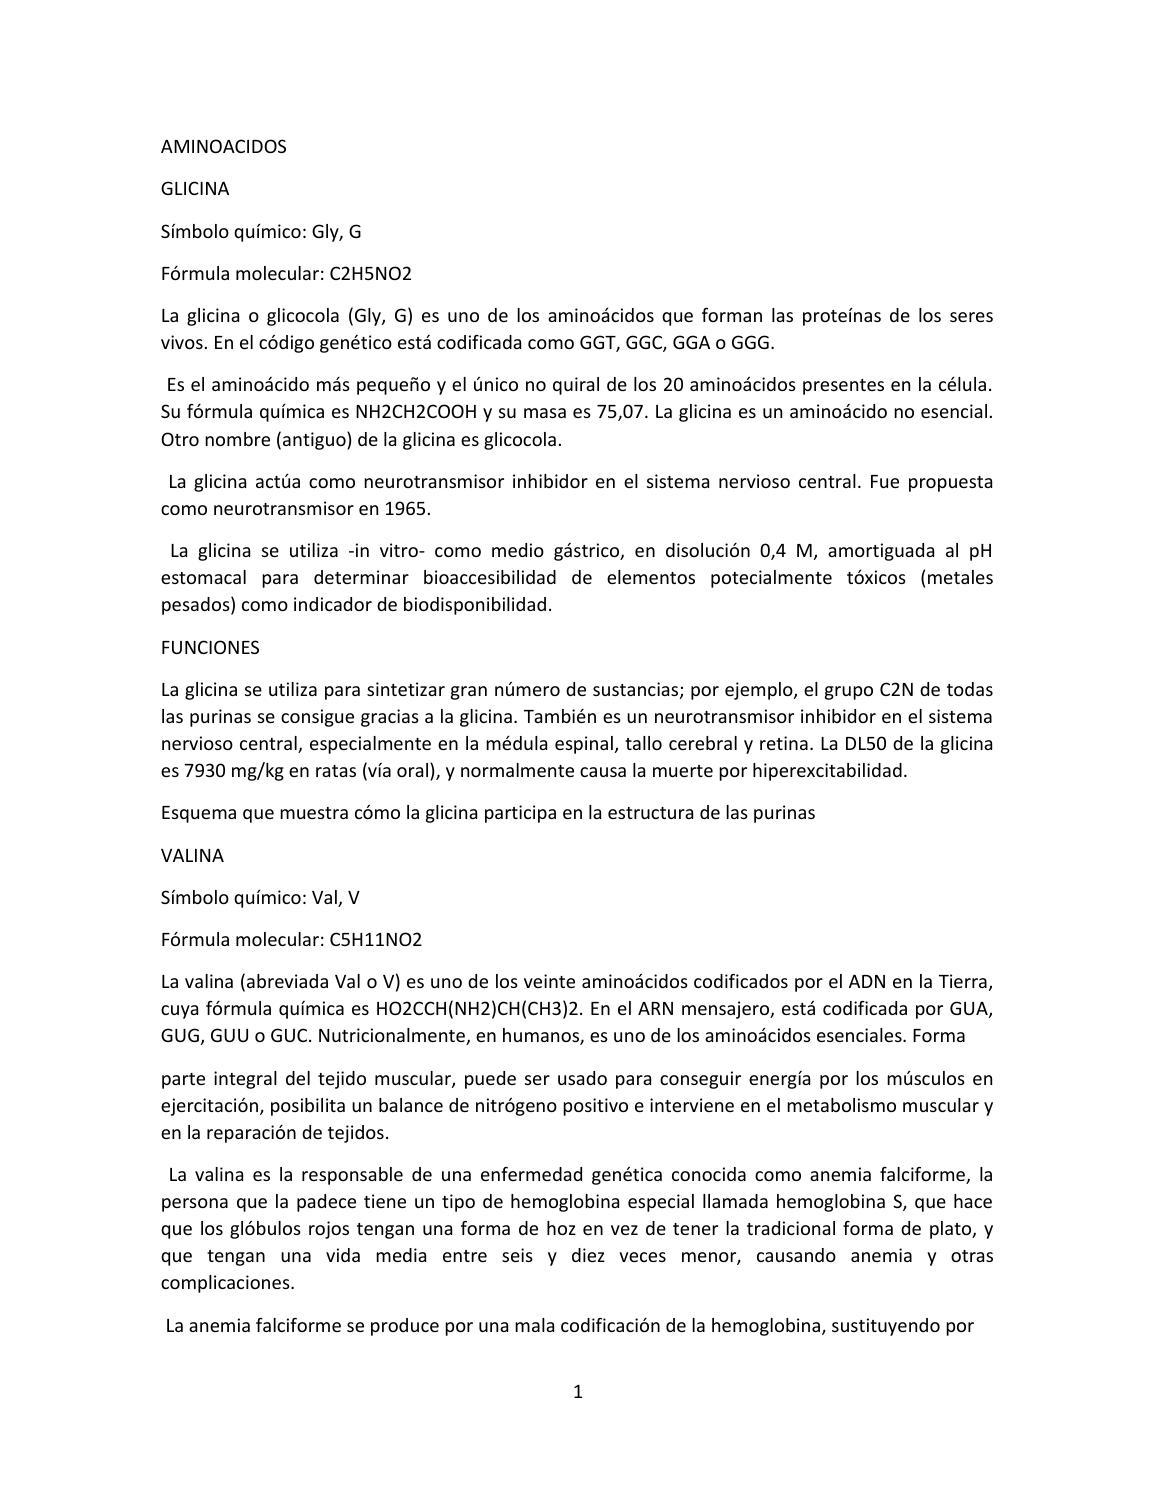 Lopez Luna Ejercicio De Actualizacion Constante By Emma